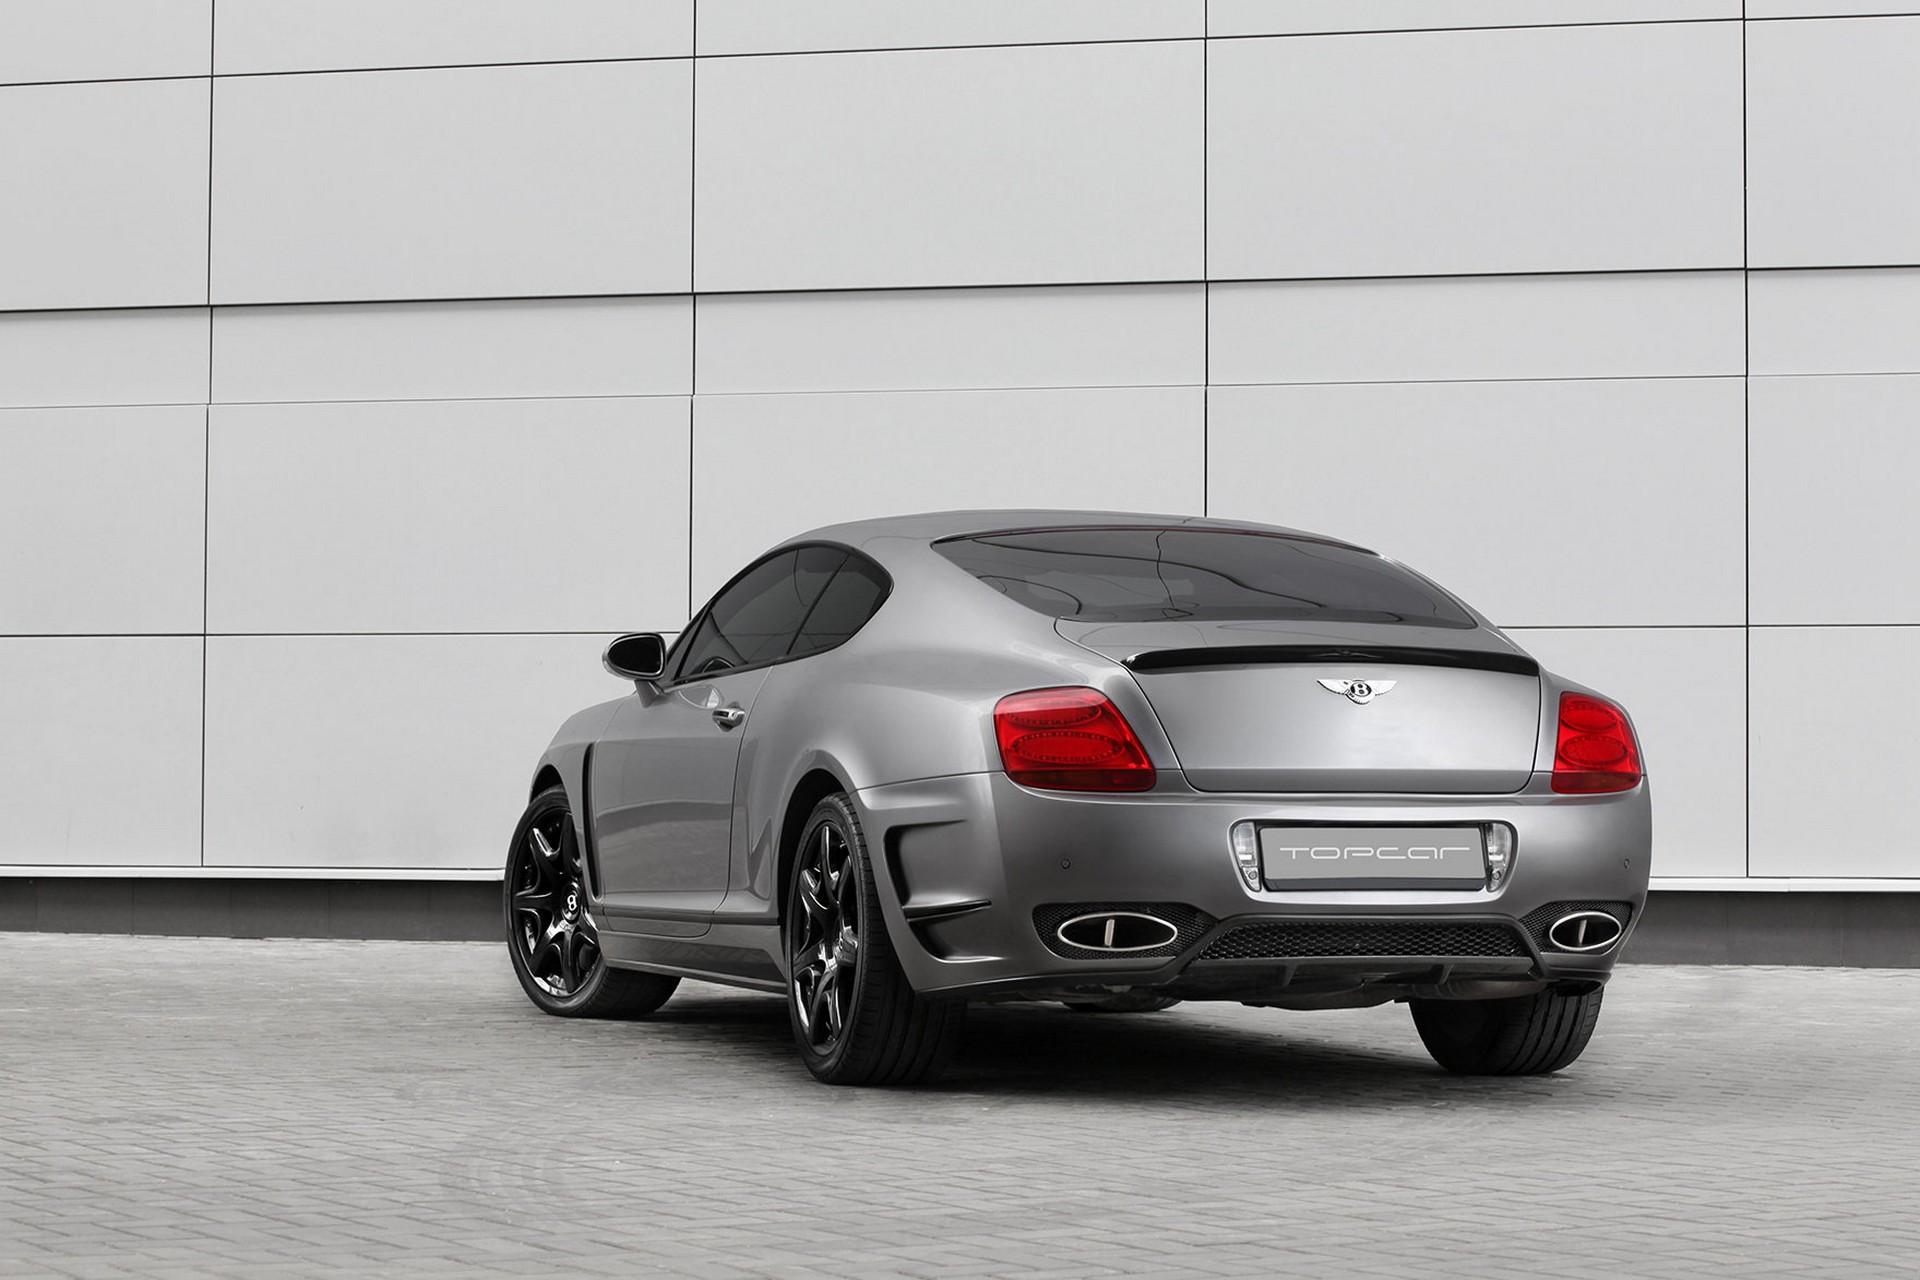 Bentley Continental Gt Bullet Grey Topcar